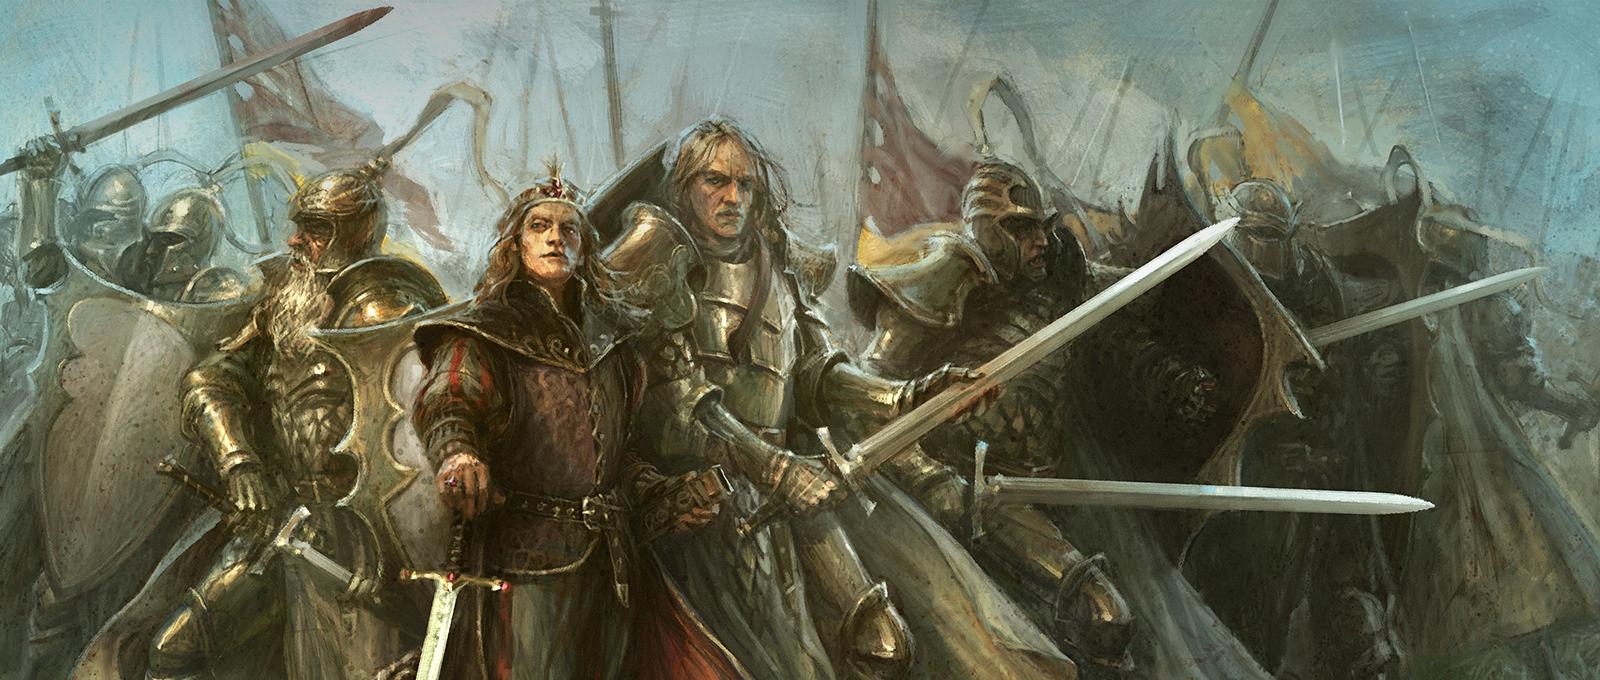 ASOIF_LannisterHeroes2_LGHero_1600x680